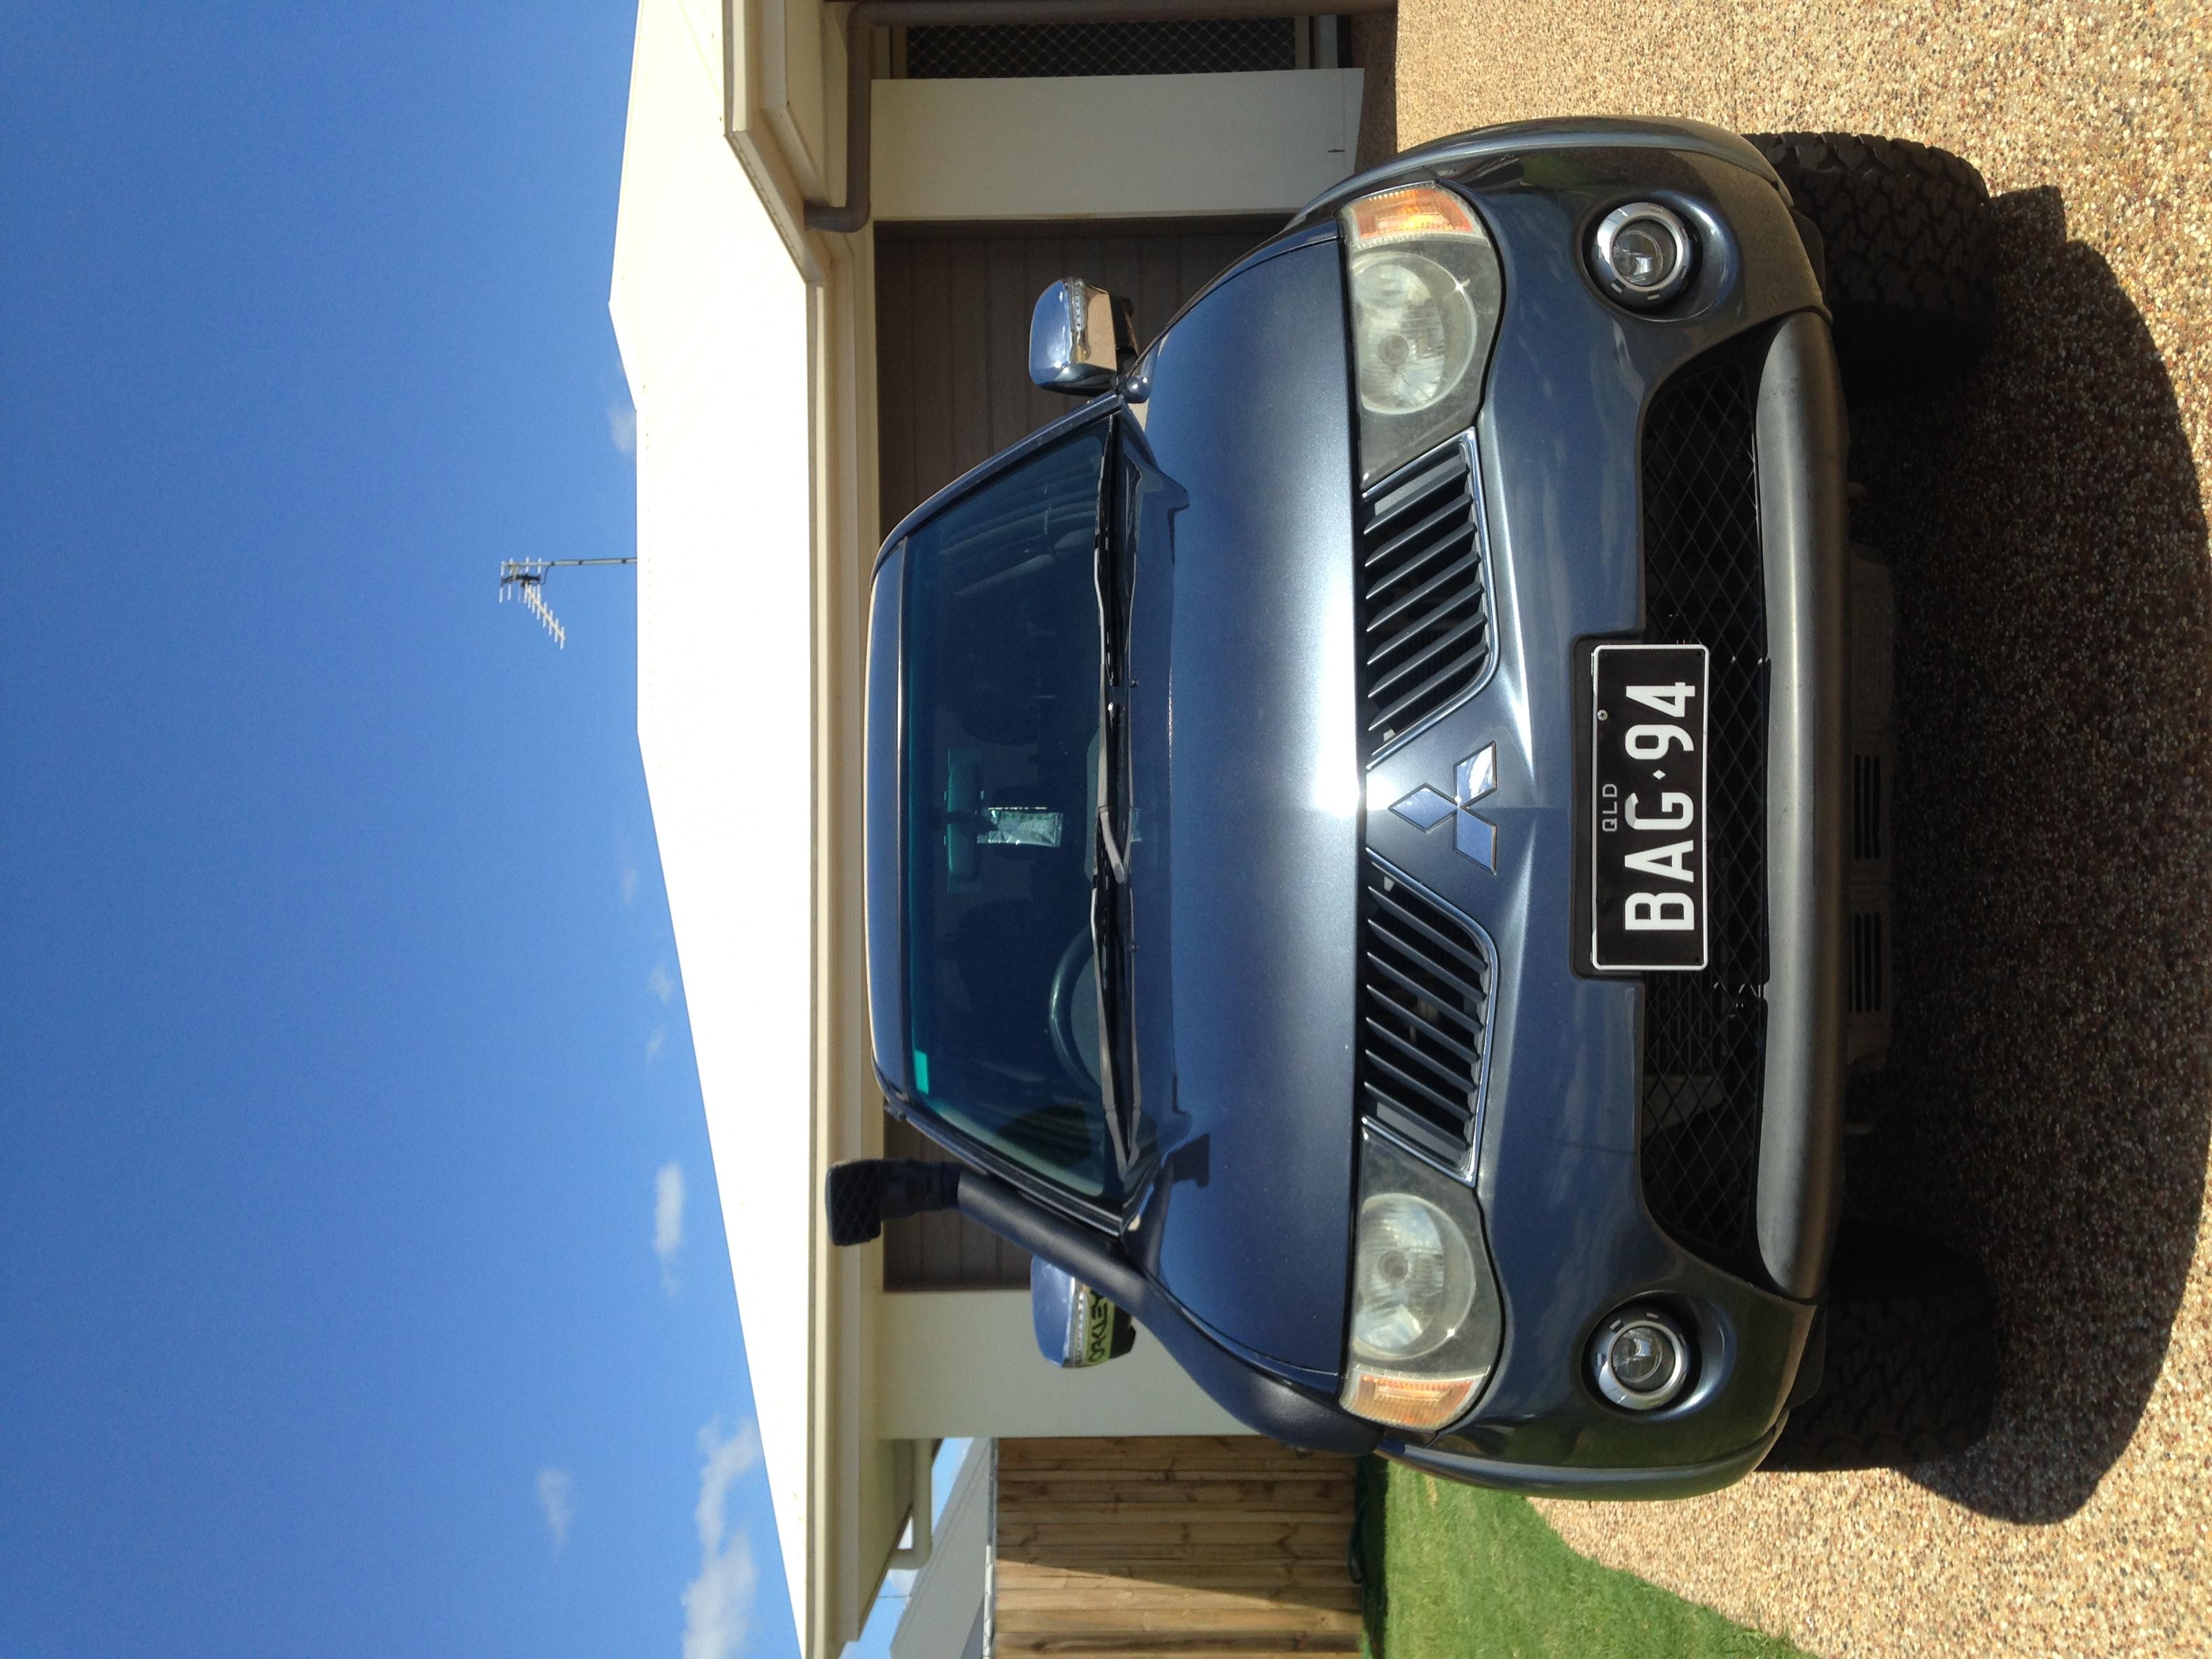 2006 Mitsubishi Triton Glx R 4x4 Ml Car Sales Qld